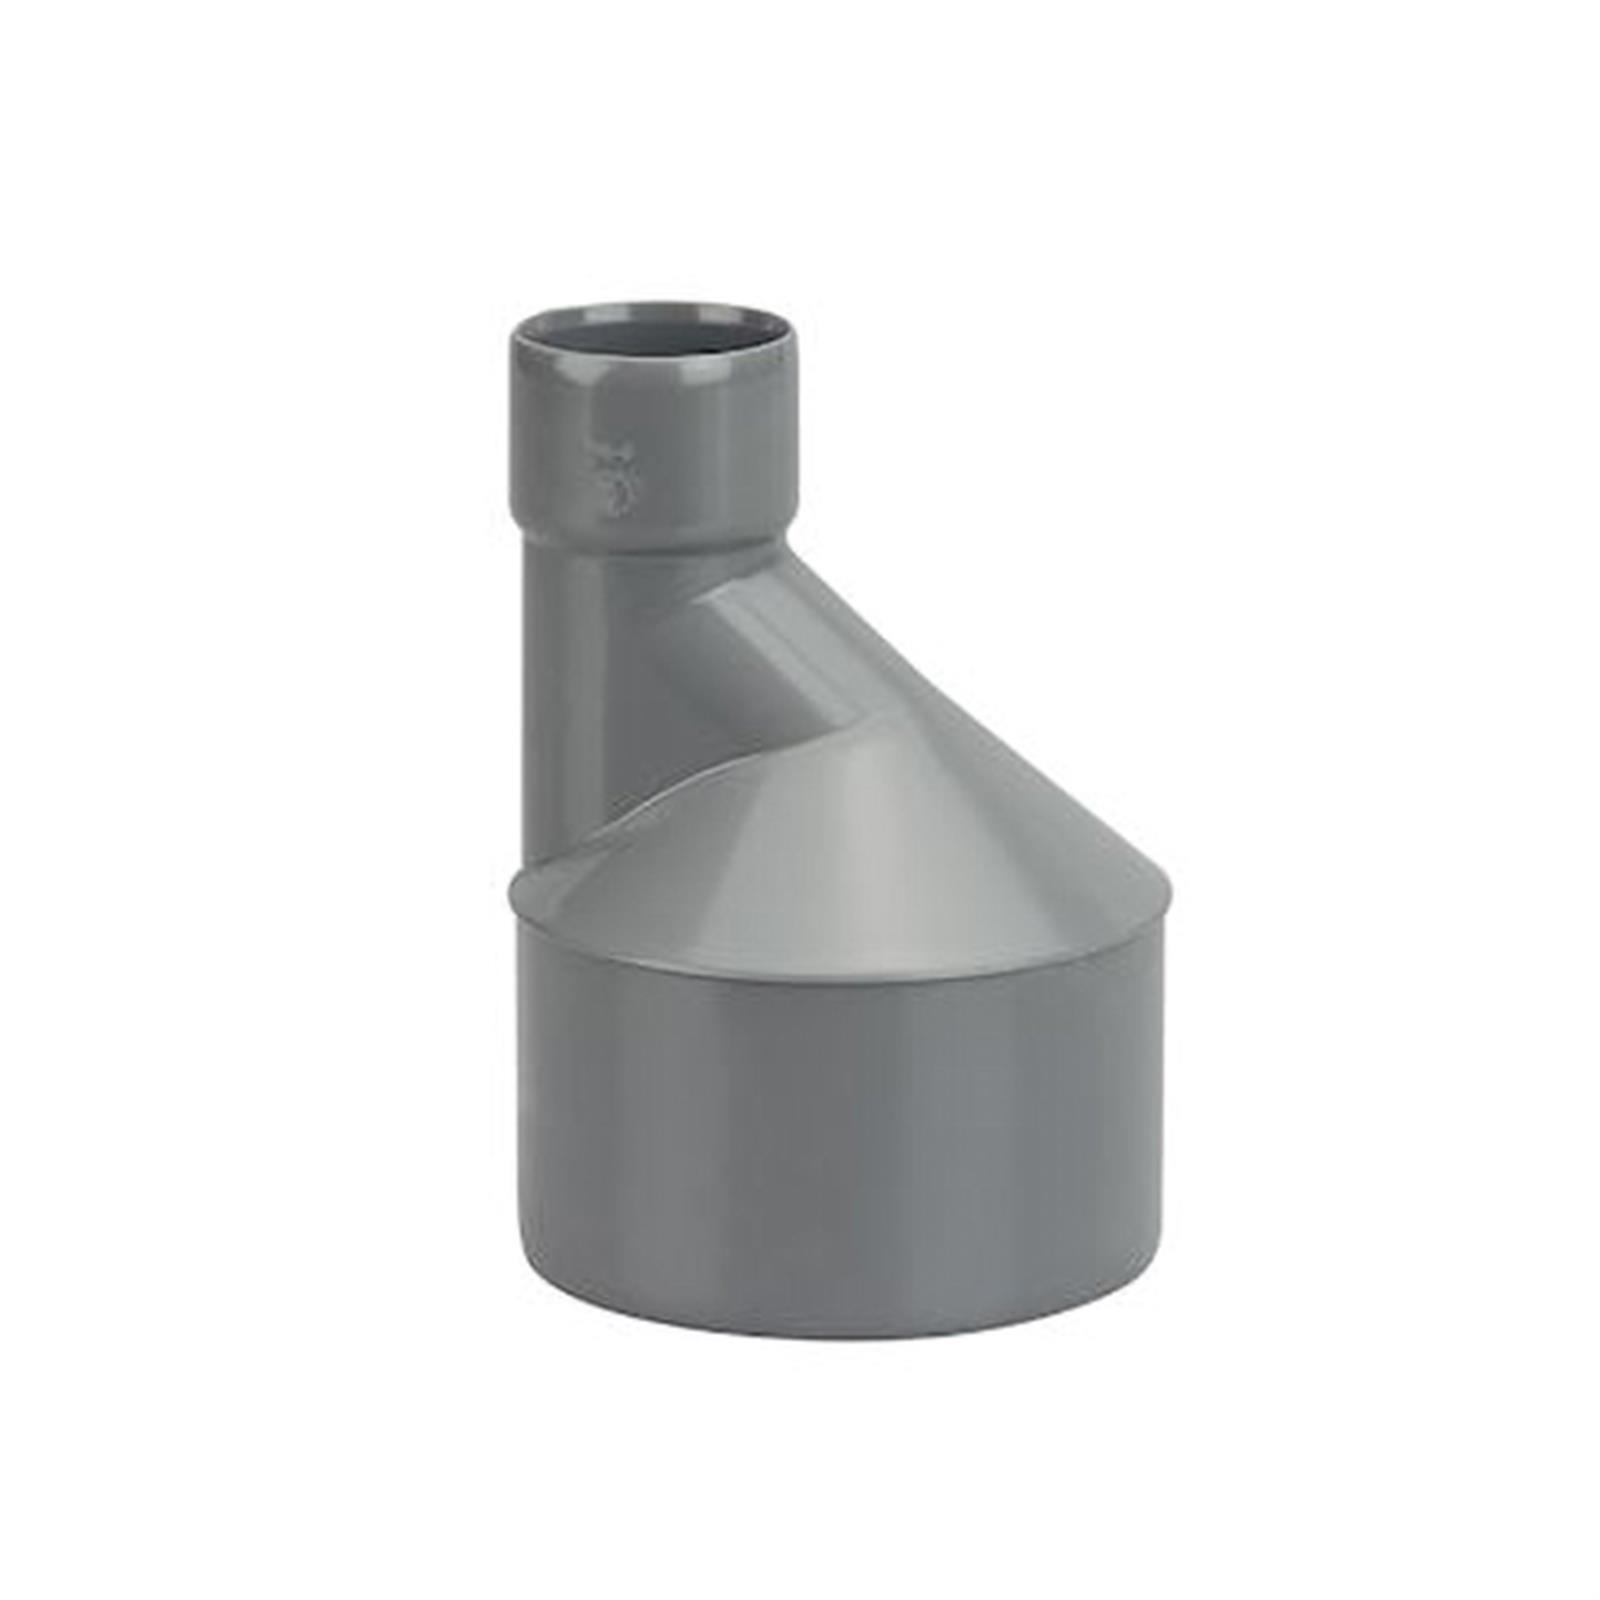 Réduction excentrée en PVC - Diamètres 160x125